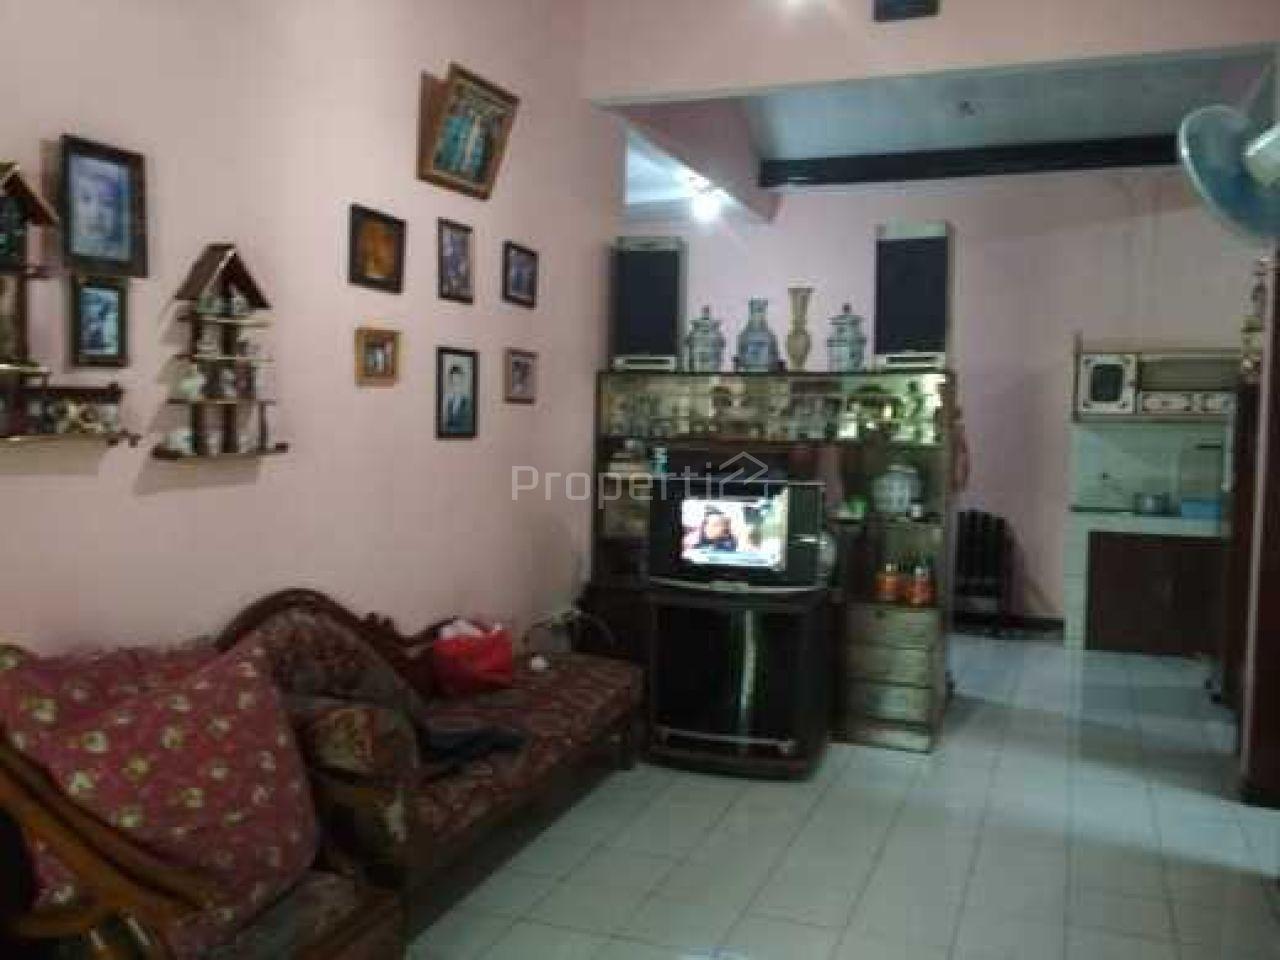 Rumah dengan Lingkungan Asri, Sejuk, Aman dan Nyaman, Kab. Bogor